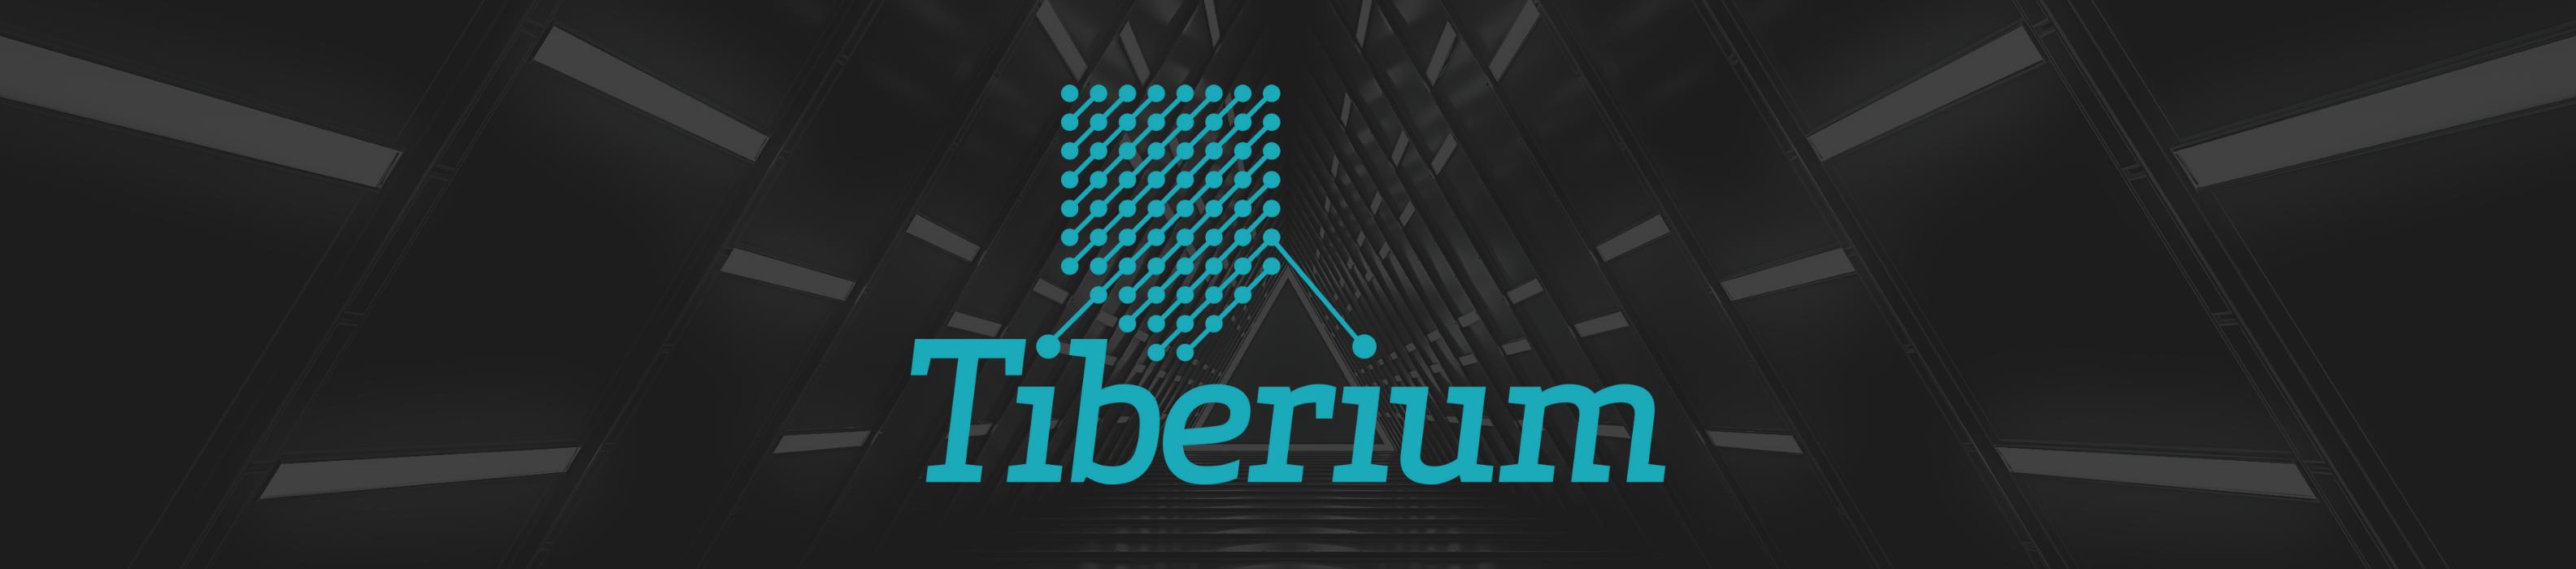 Tiberium header